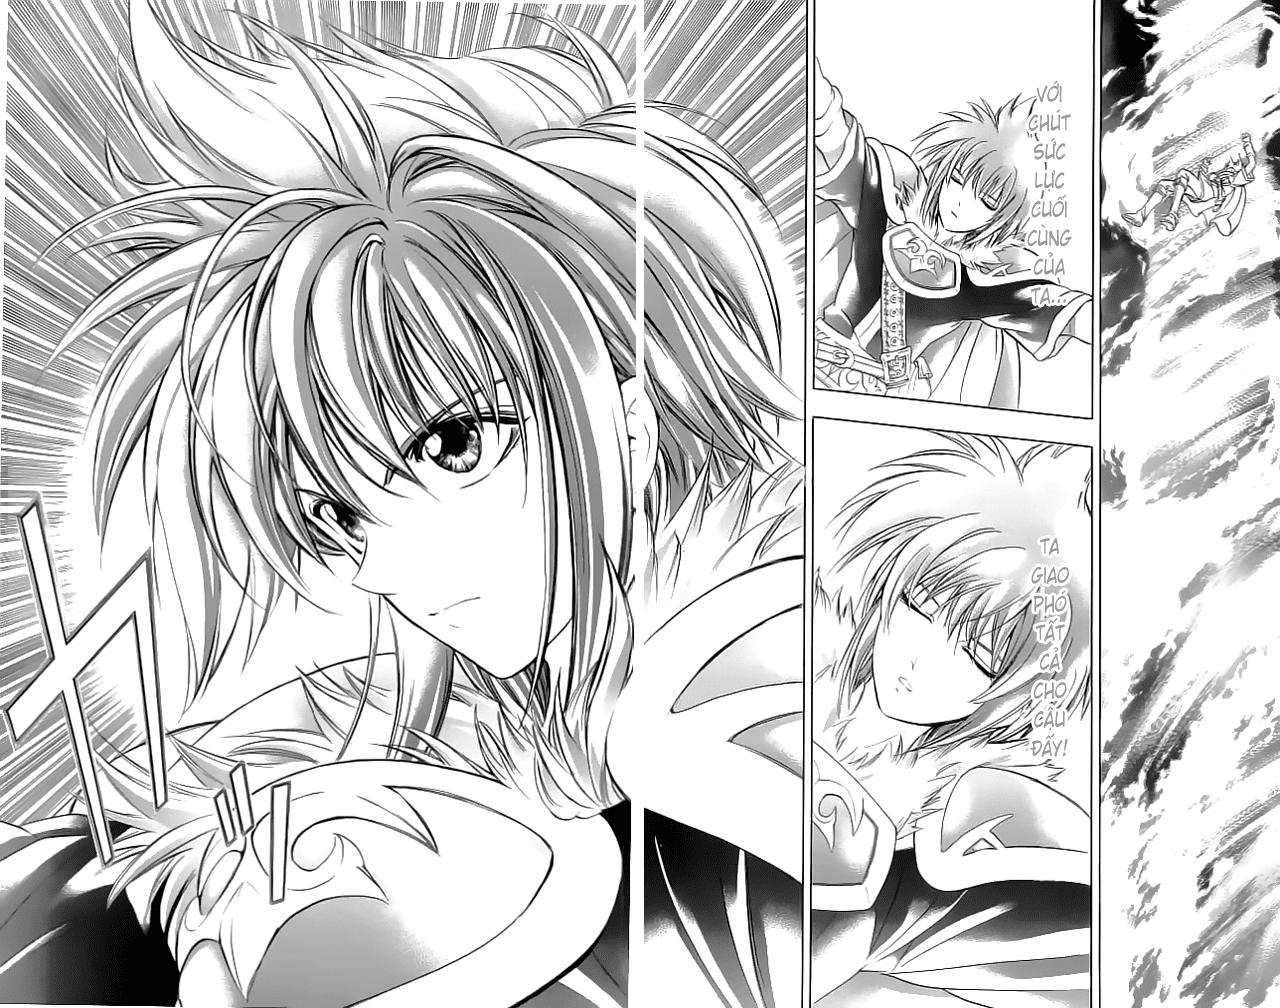 Fire Emblem - Hasha no Tsurugi chap 026 trang 41